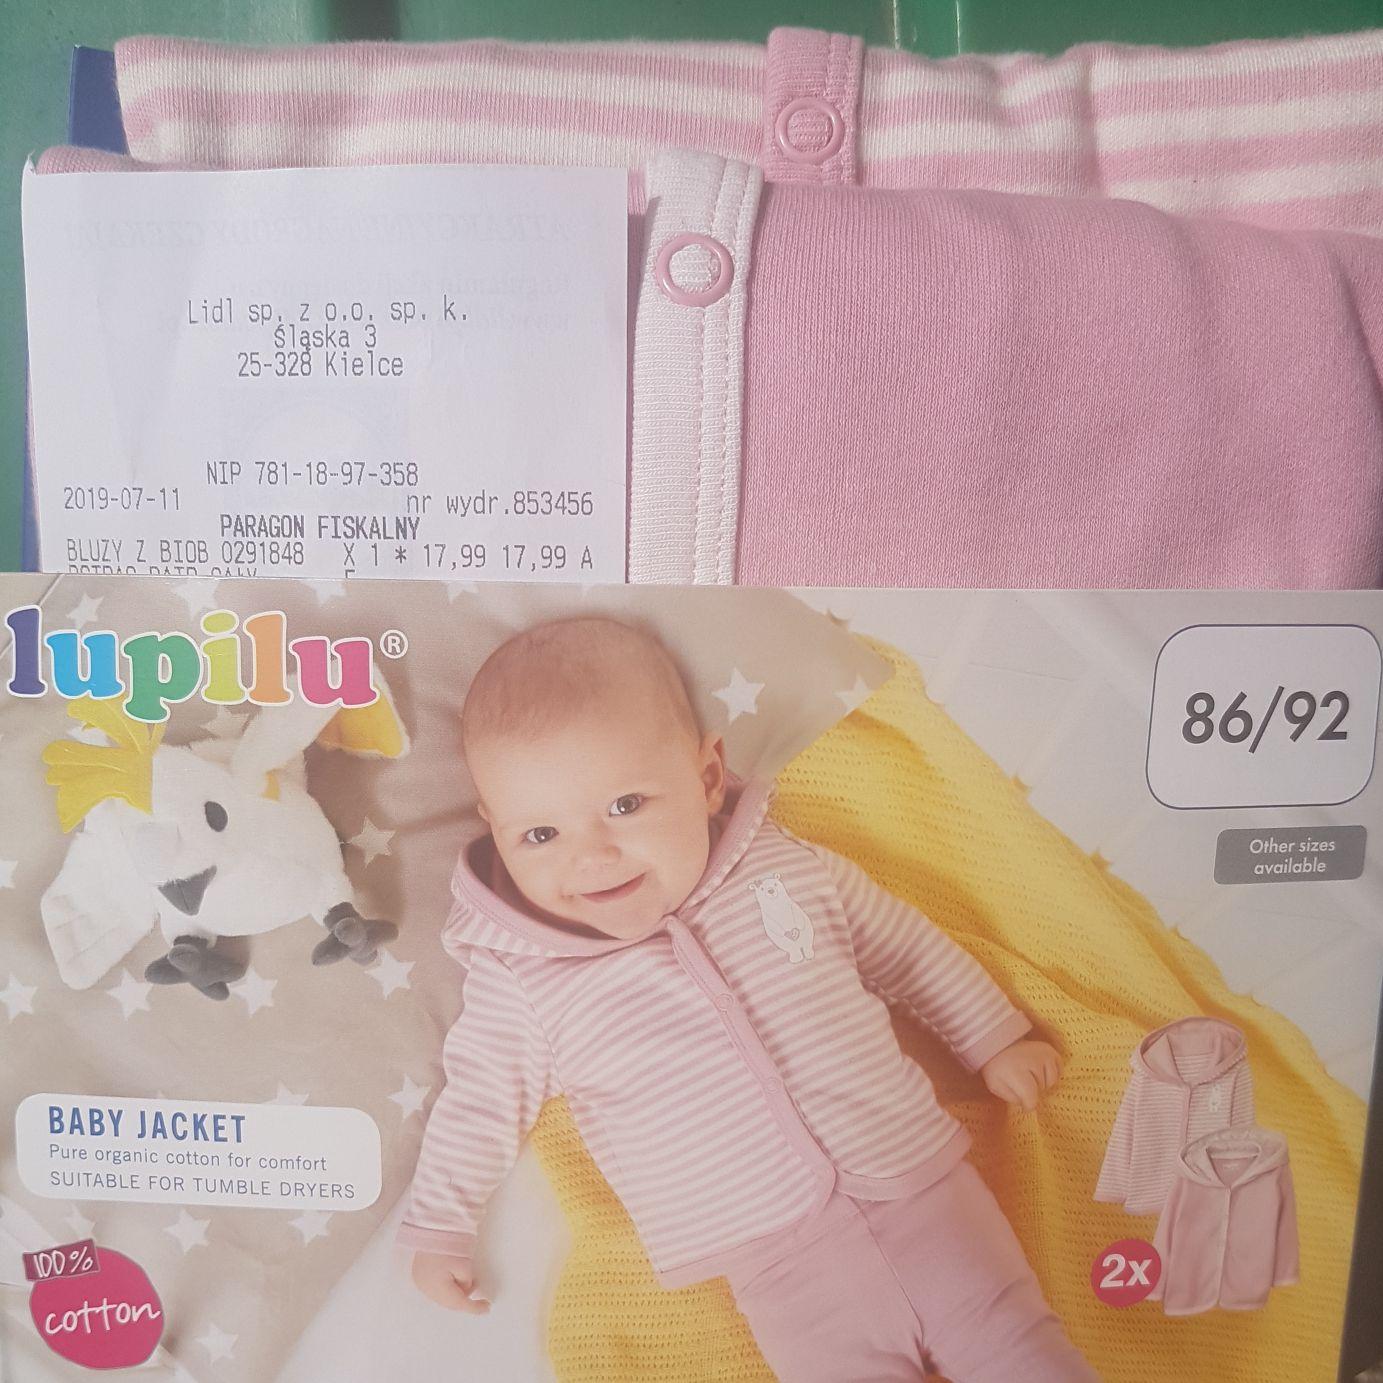 Kielce LIDL Dwie bluzy niemowlęce z bawełny bio. Były też dla chłopców.